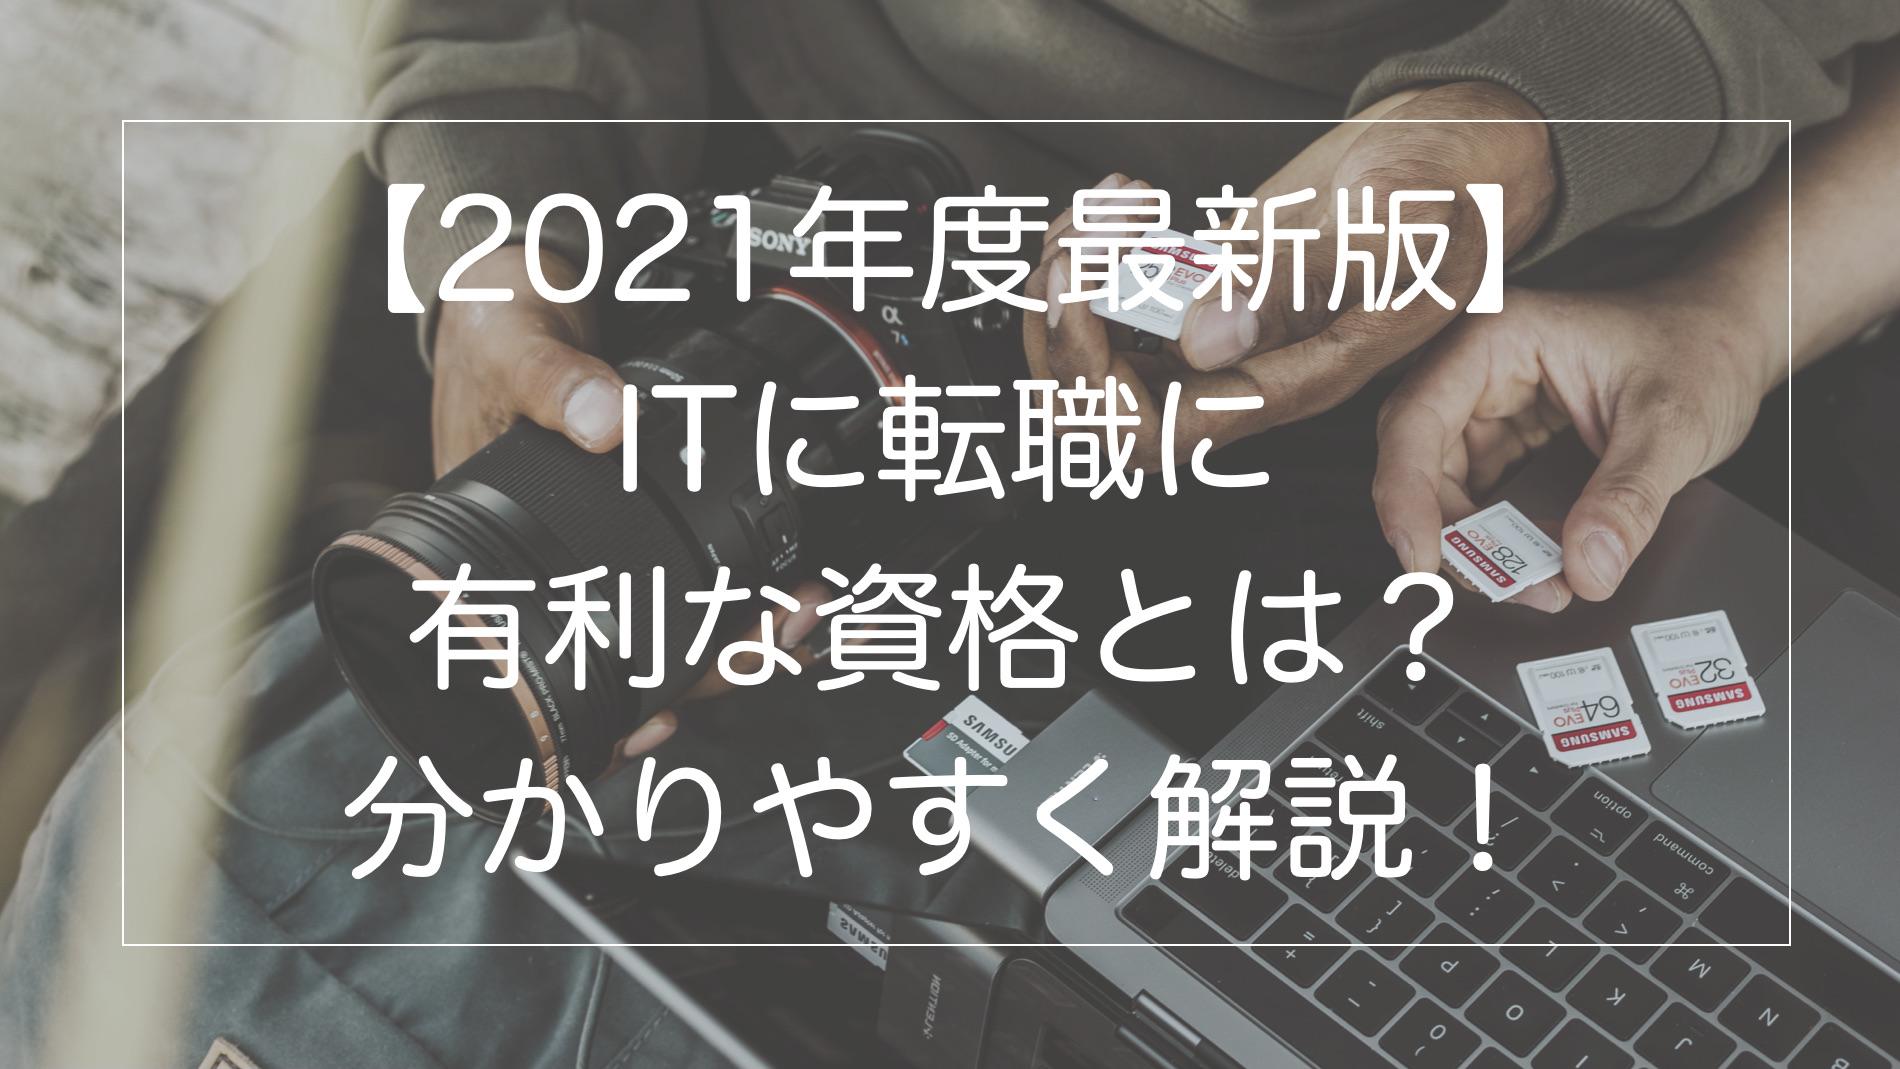 【2021年度最新版】ITに転職に有利な資格とは?分かりやすく解説!